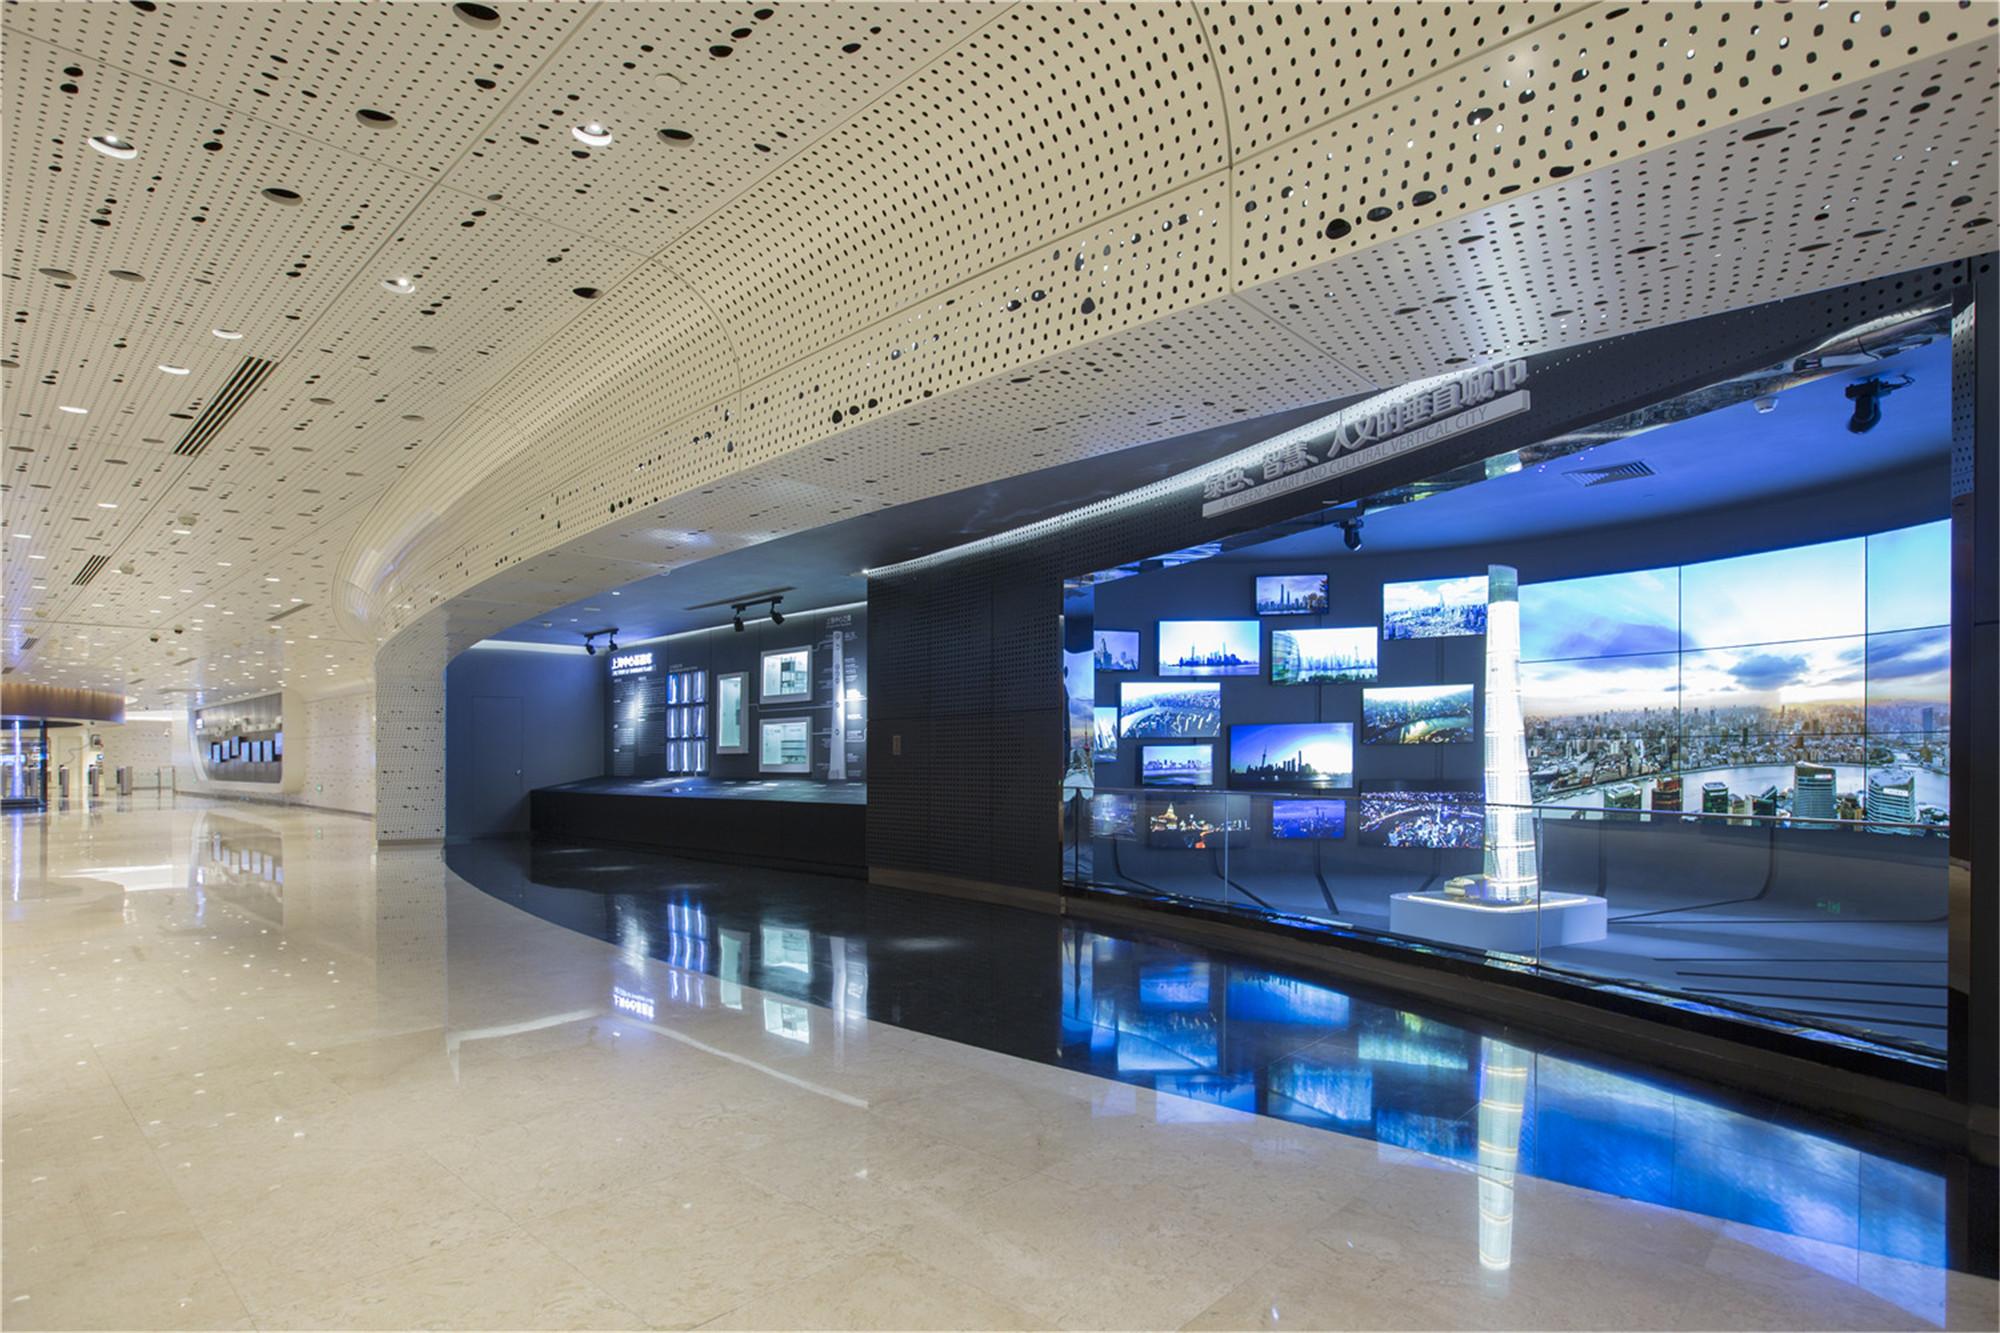 上海中心观光展示厅布置图